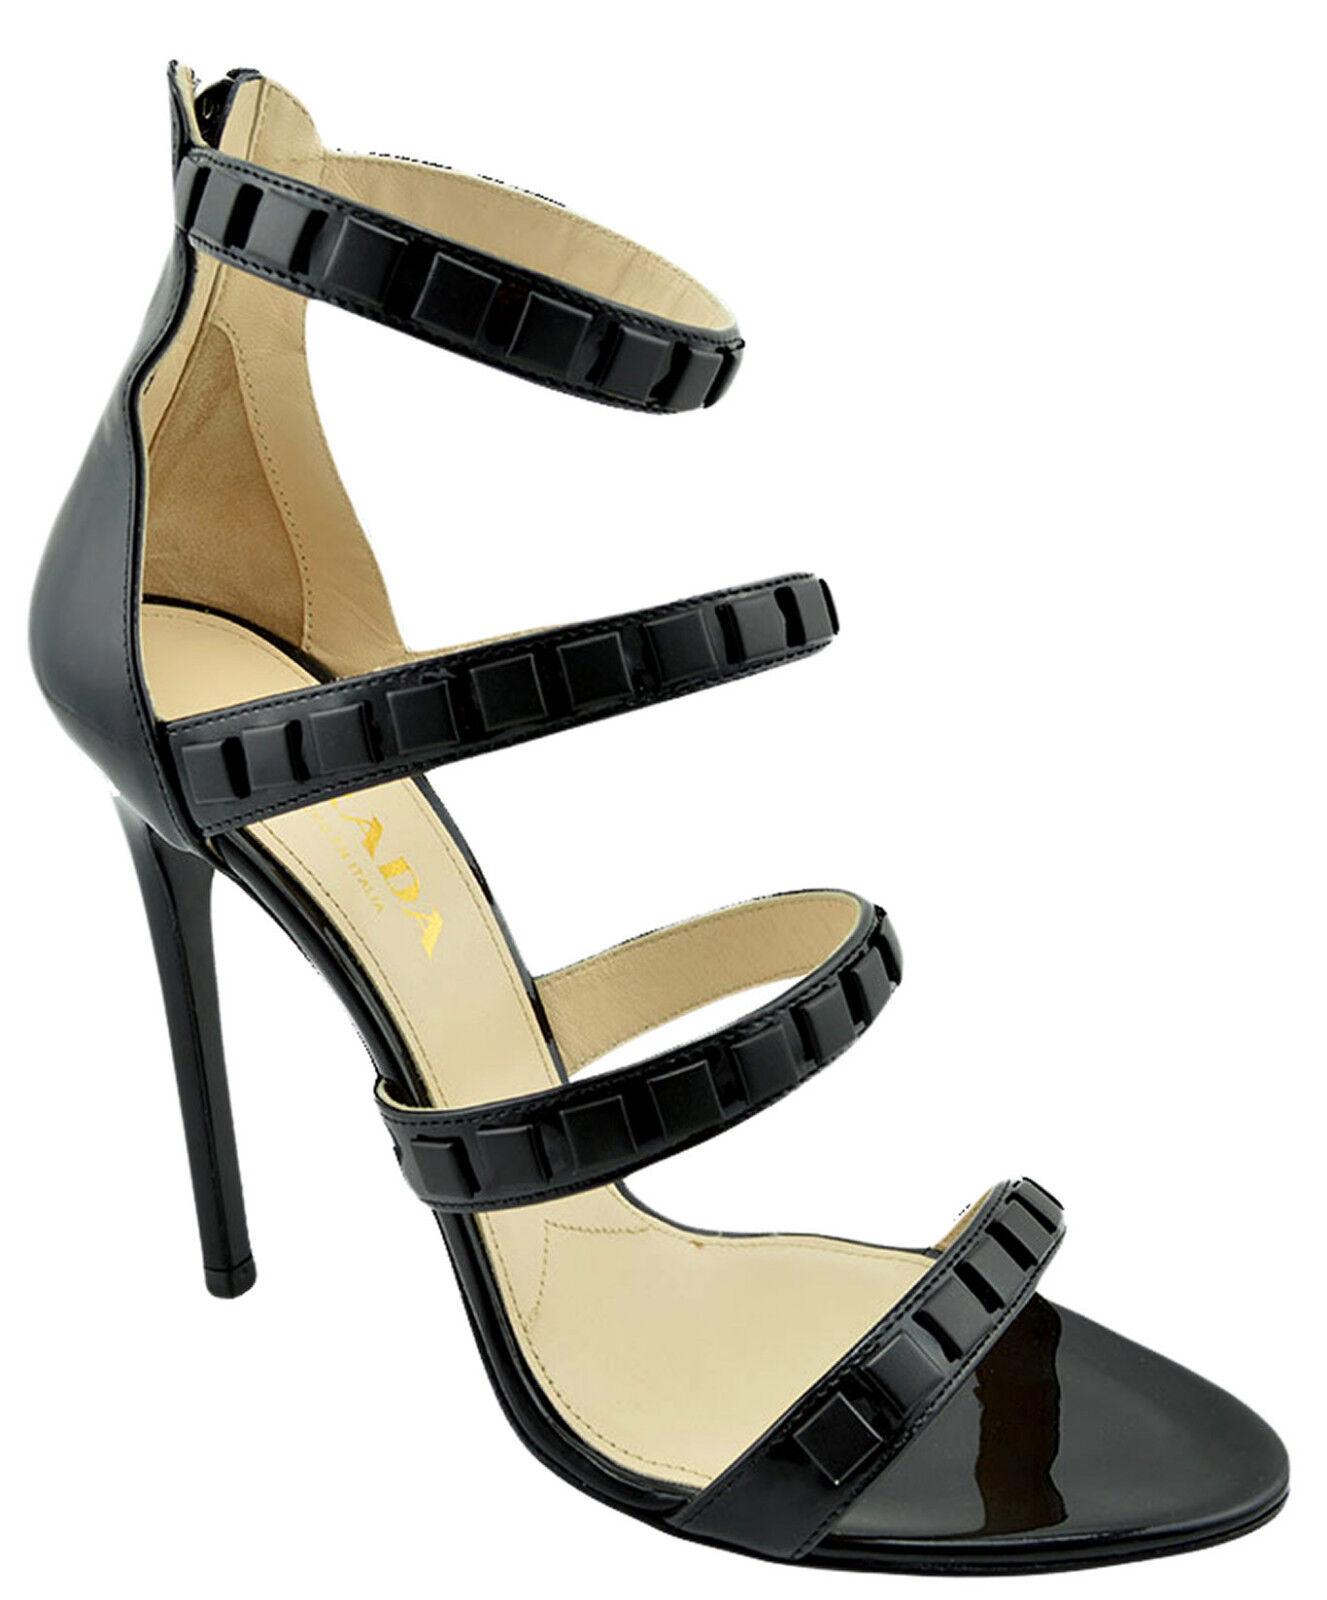 650 cuero negro de Prada Vernice Sandalias Tacones Altos Altos Altos 38.5 8.5 Nueva Colección  barato y de alta calidad